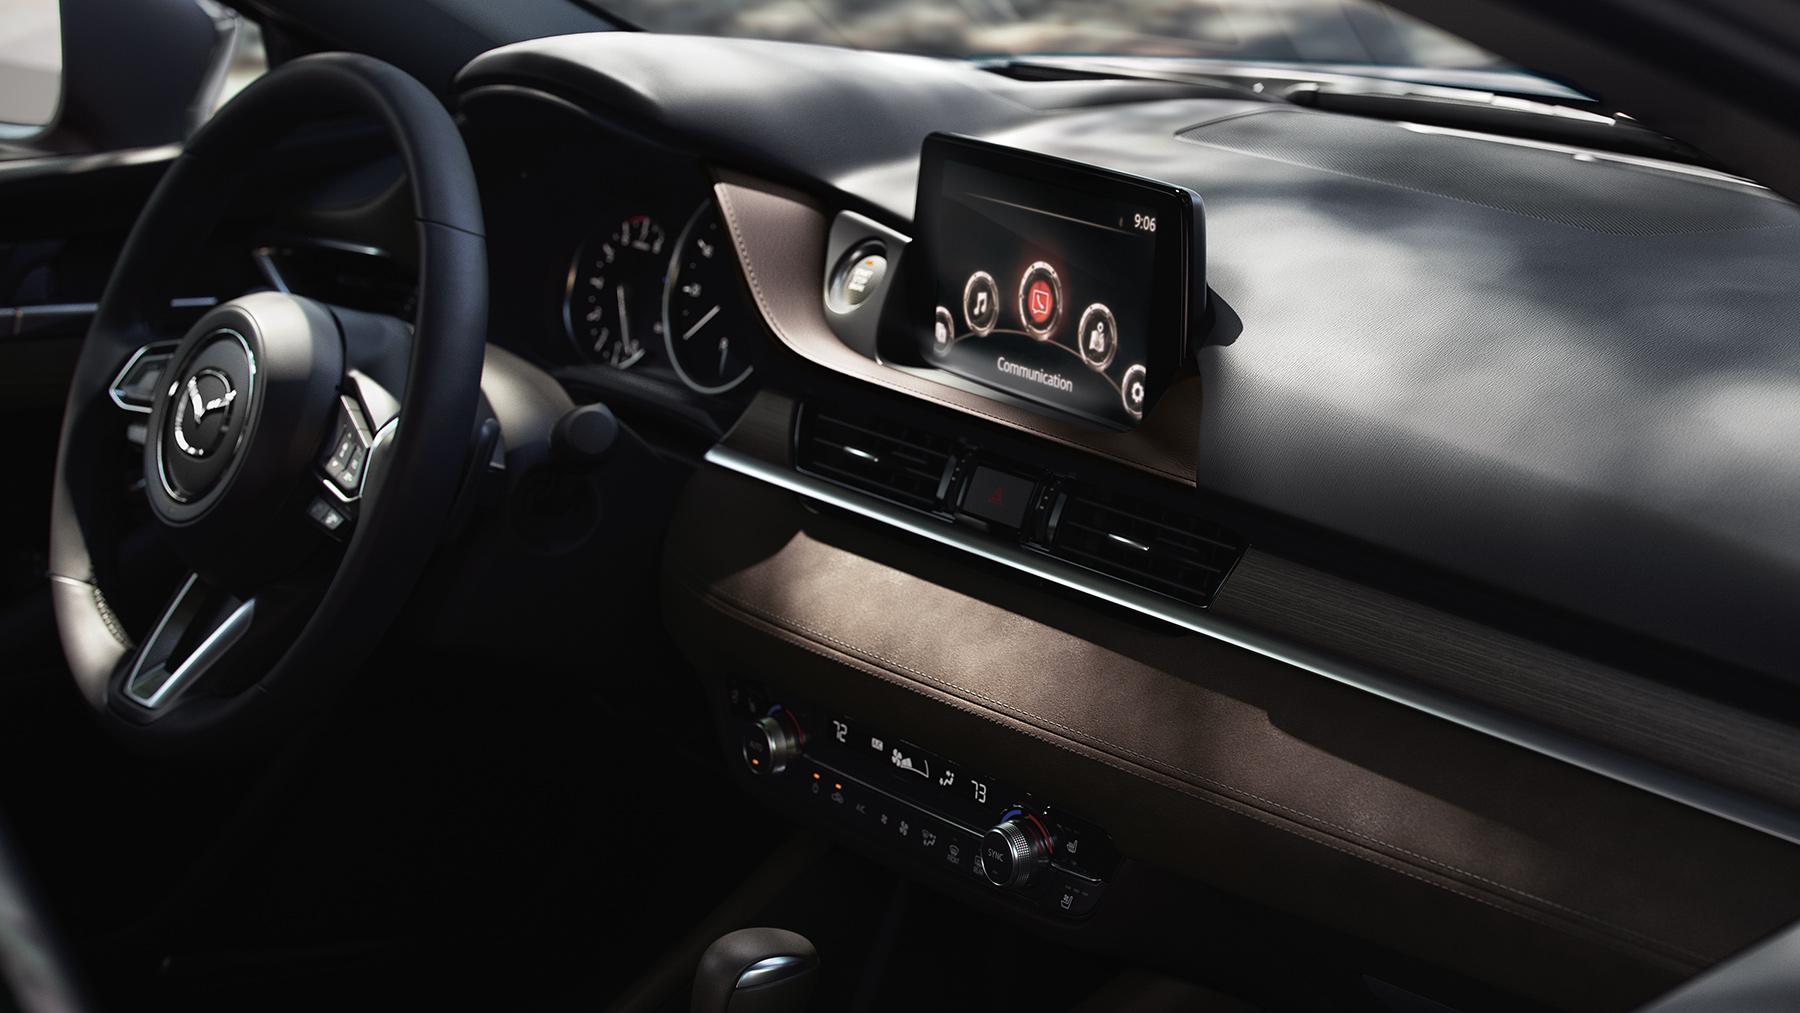 2020 Mazda6 Dashboard